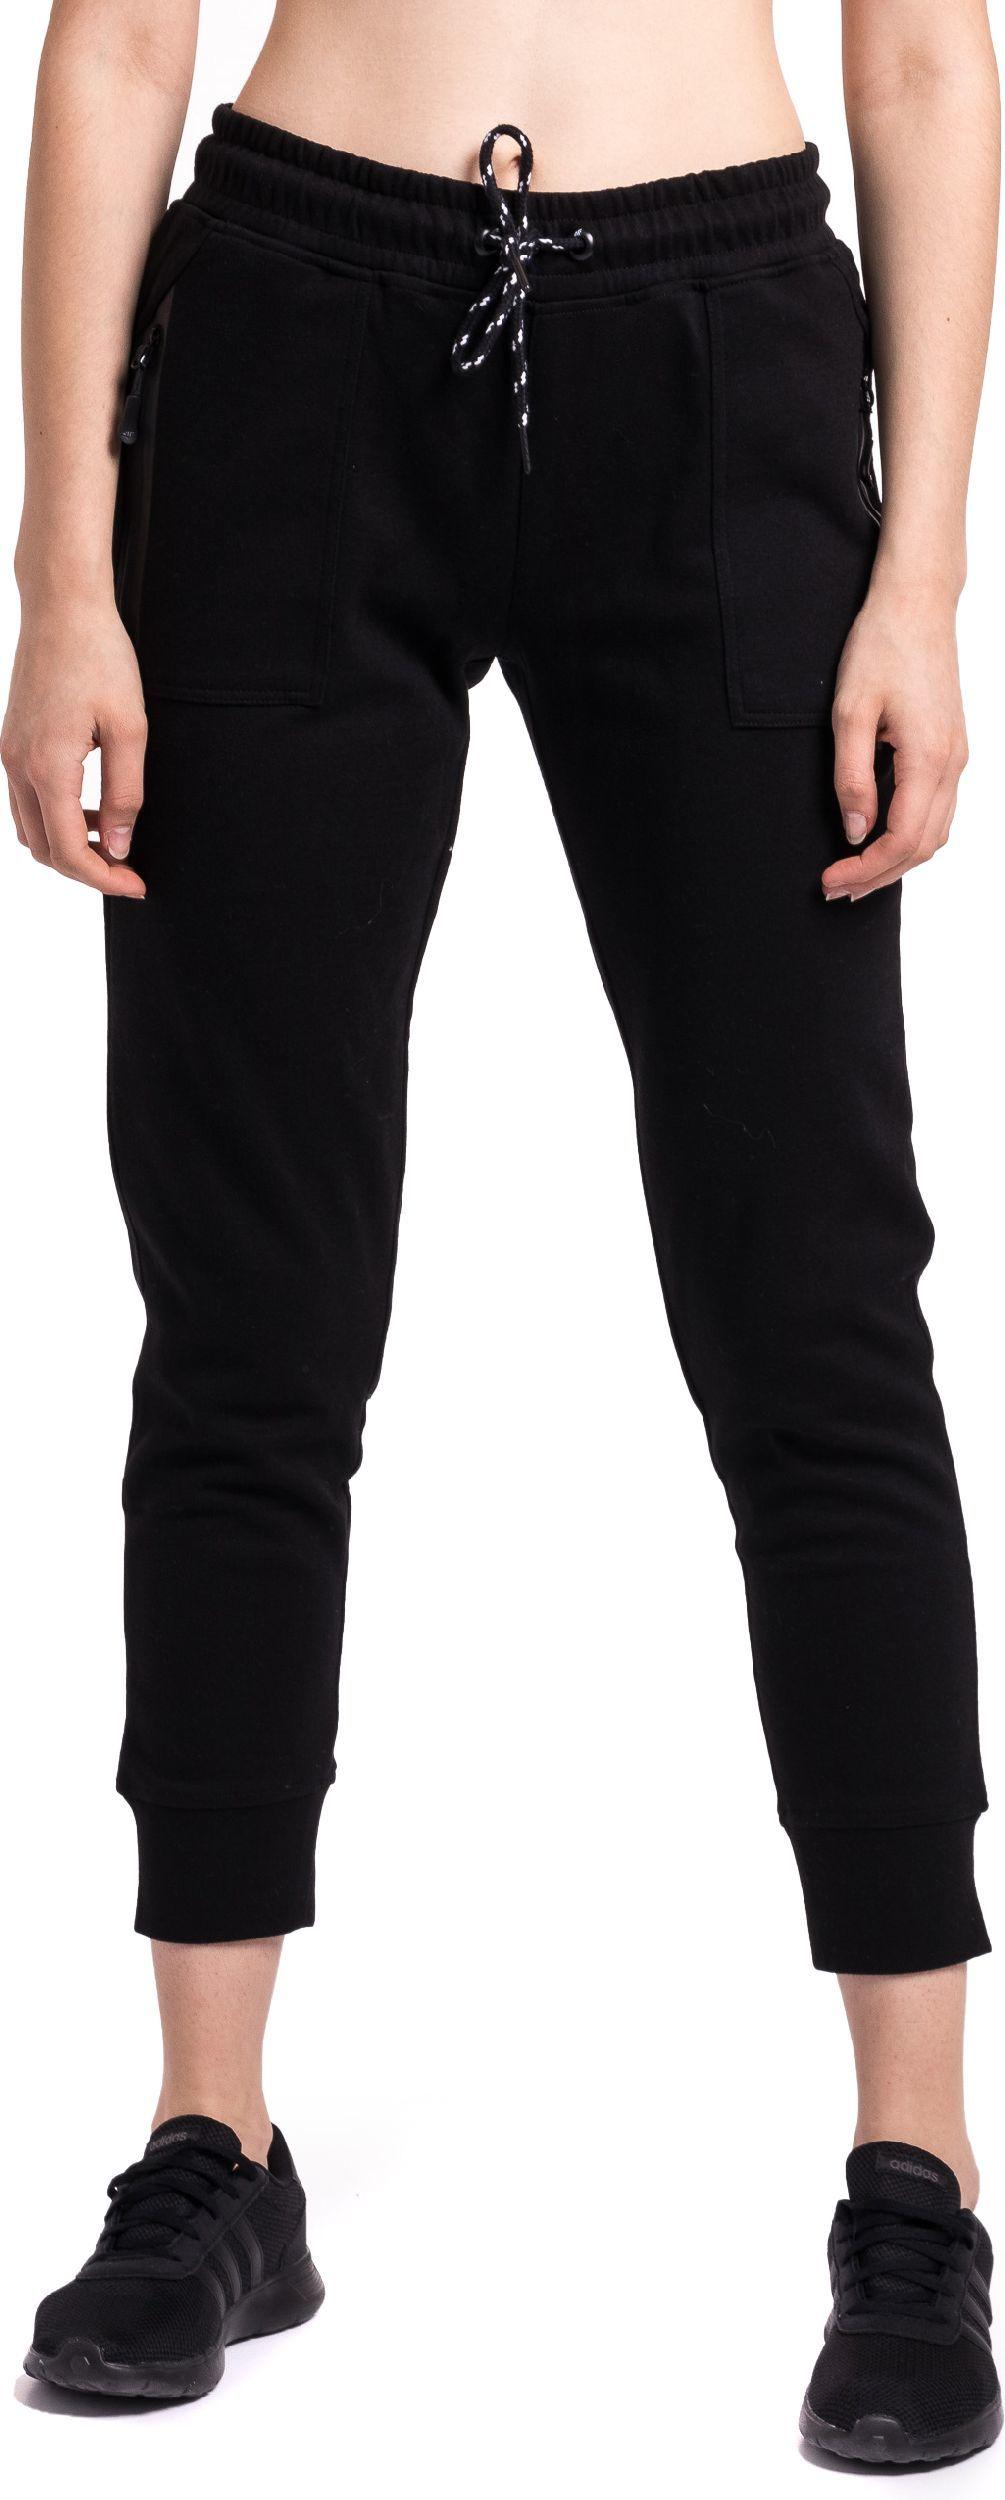 4f Spodnie damskie H4Z18 SPDD004 czarne r. XL ID produktu: 4598468